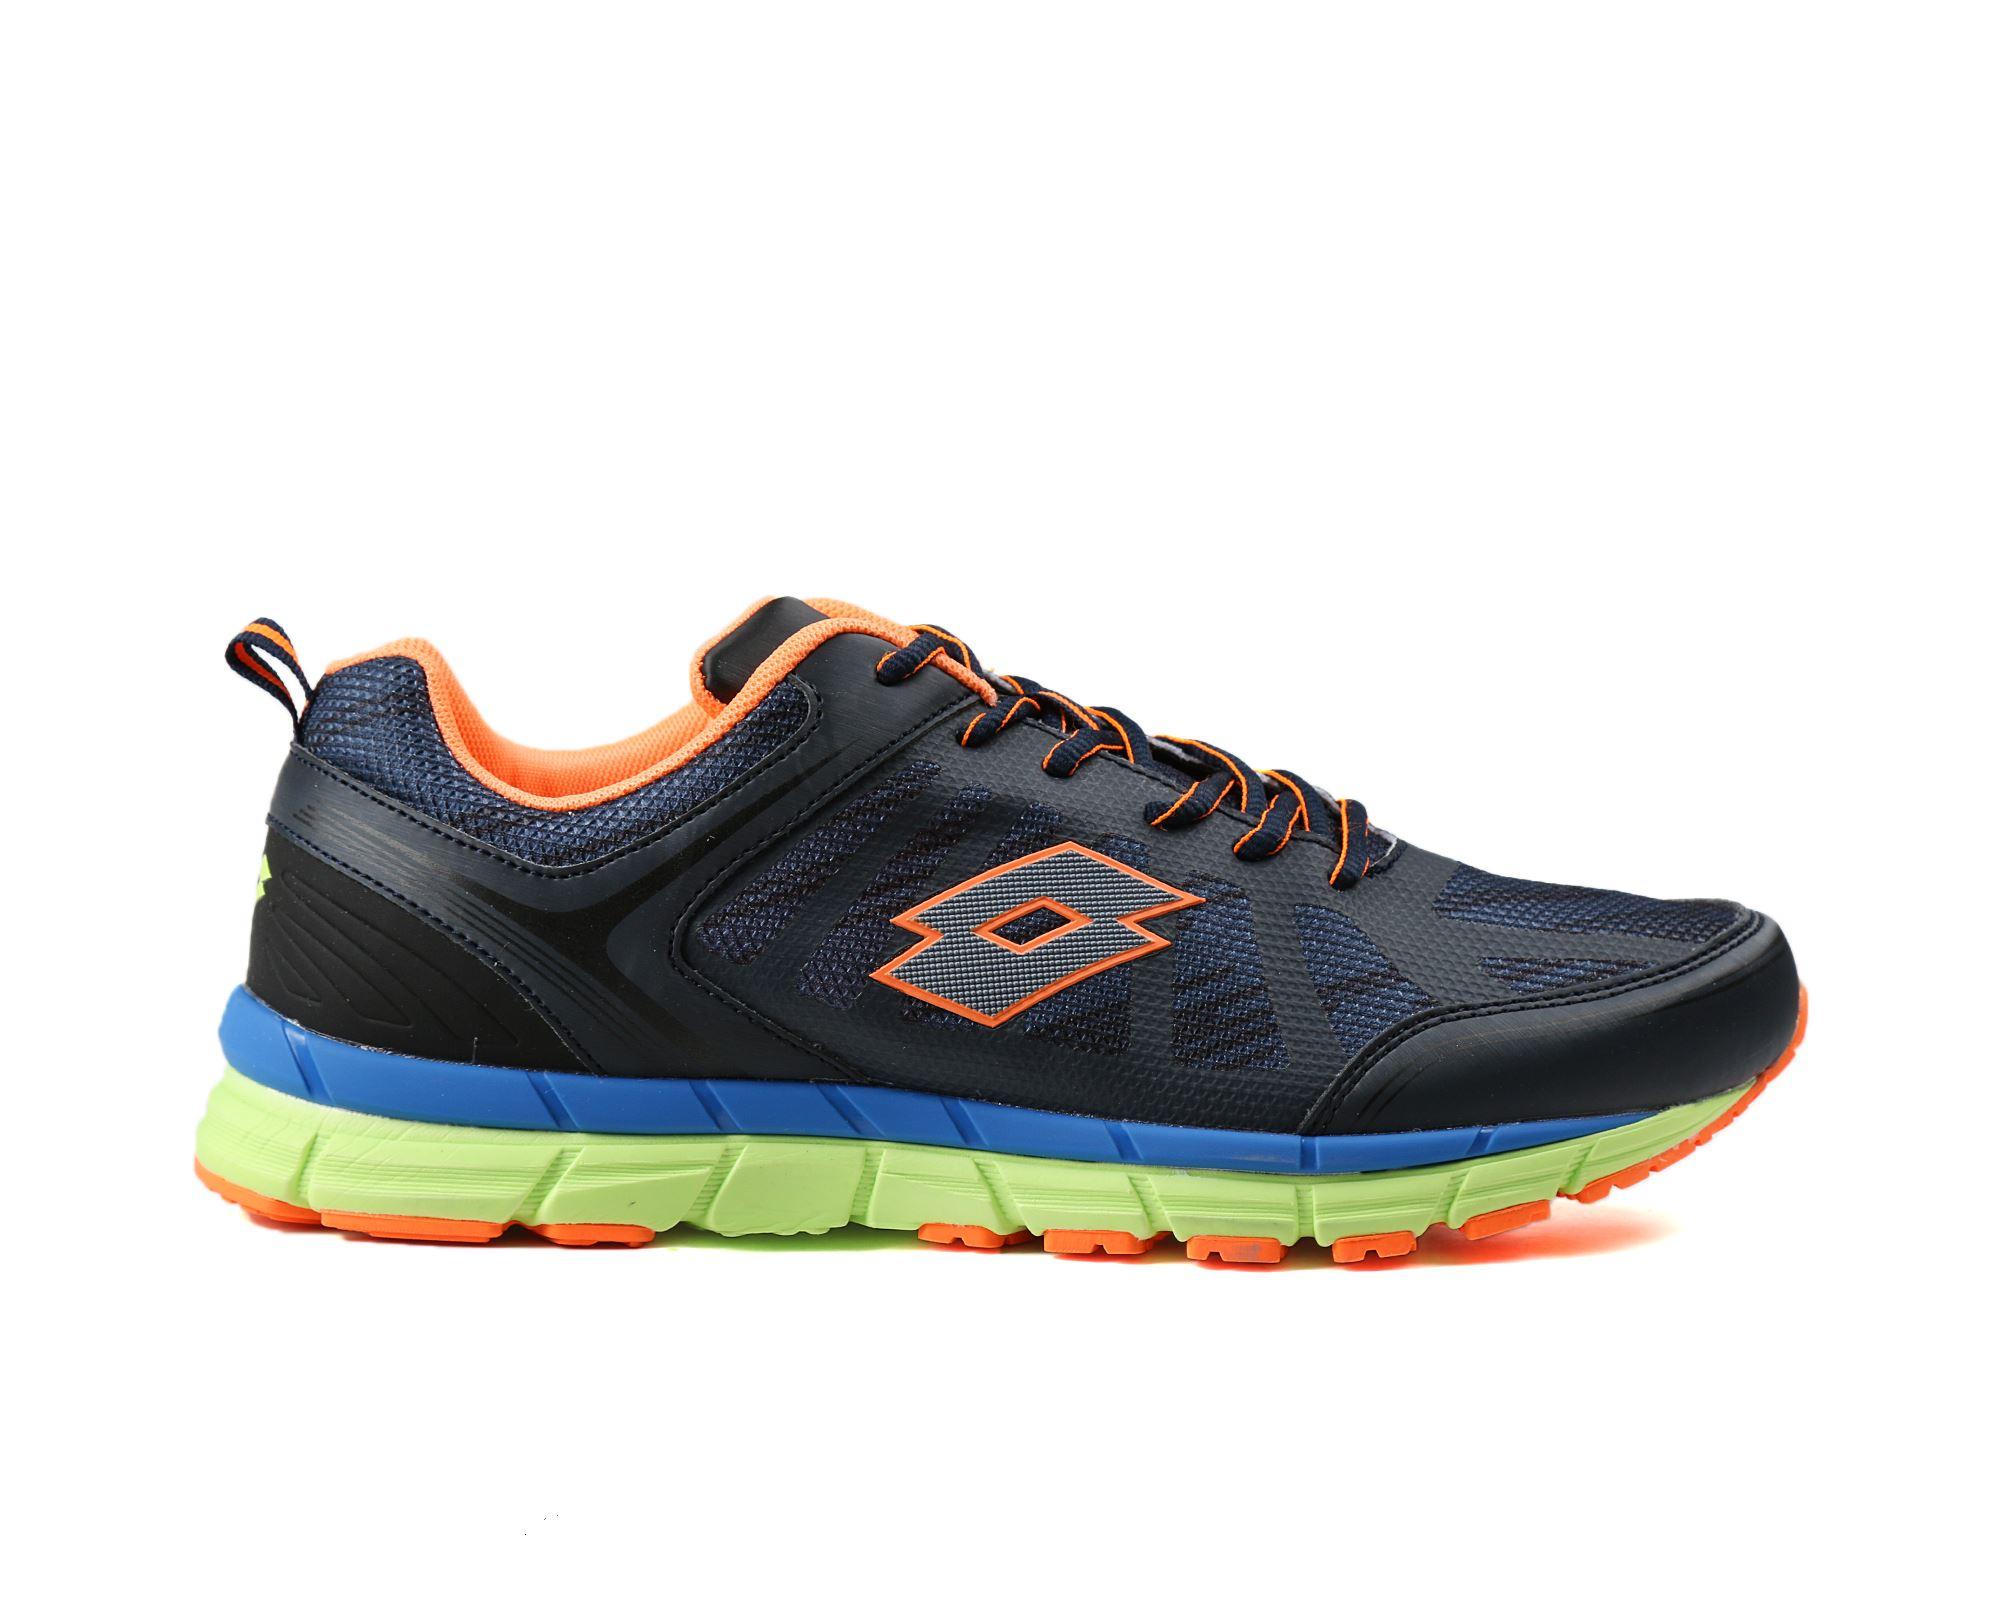 Lotto Gri Erkek Ayakkabısı S2218 Vicenza 100 Amf